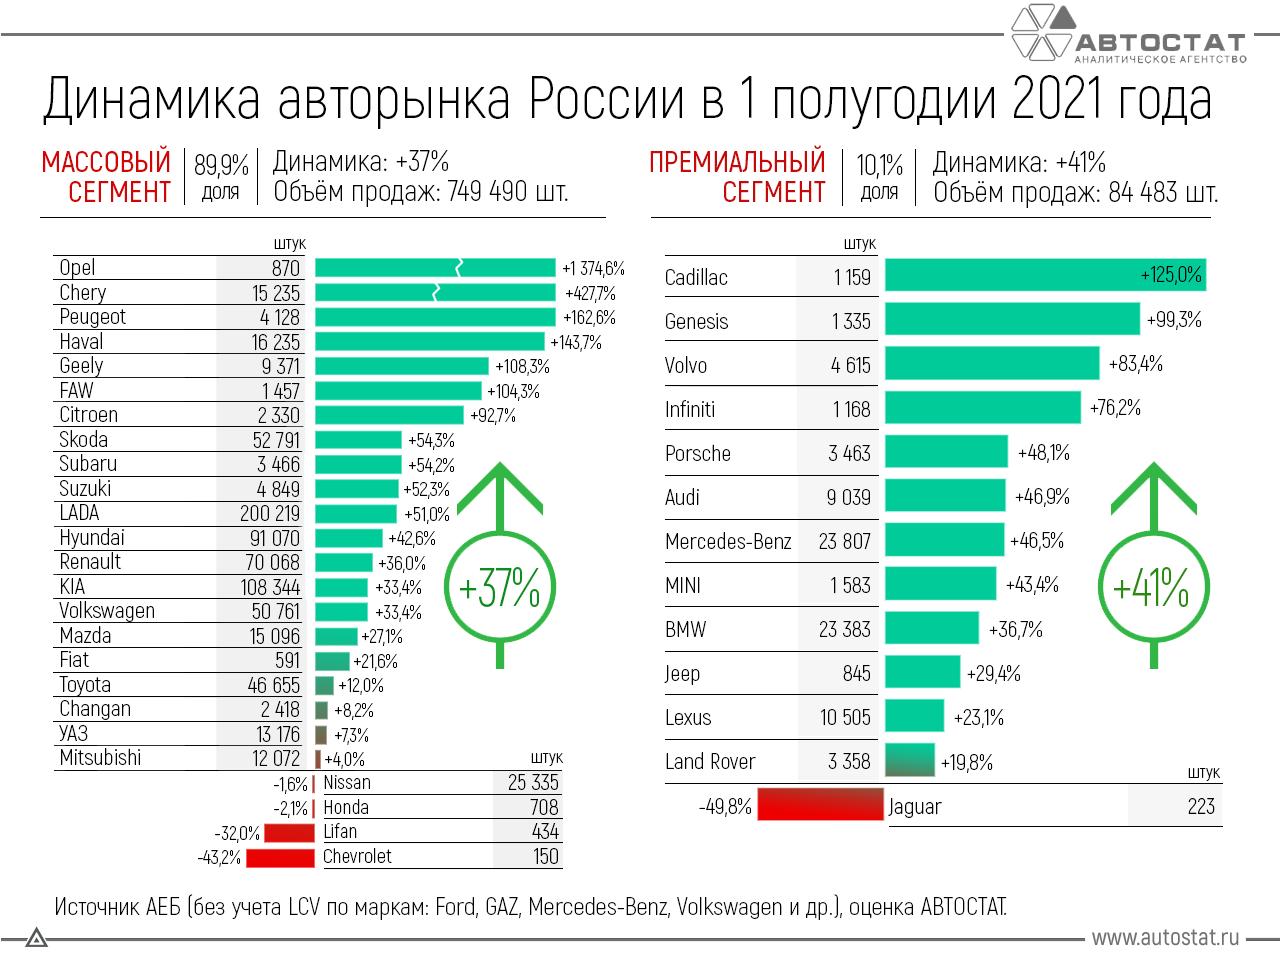 АВТОСТАТ: Динамика авторынка России в 1 полугодии 2021   Автомойка.РФ